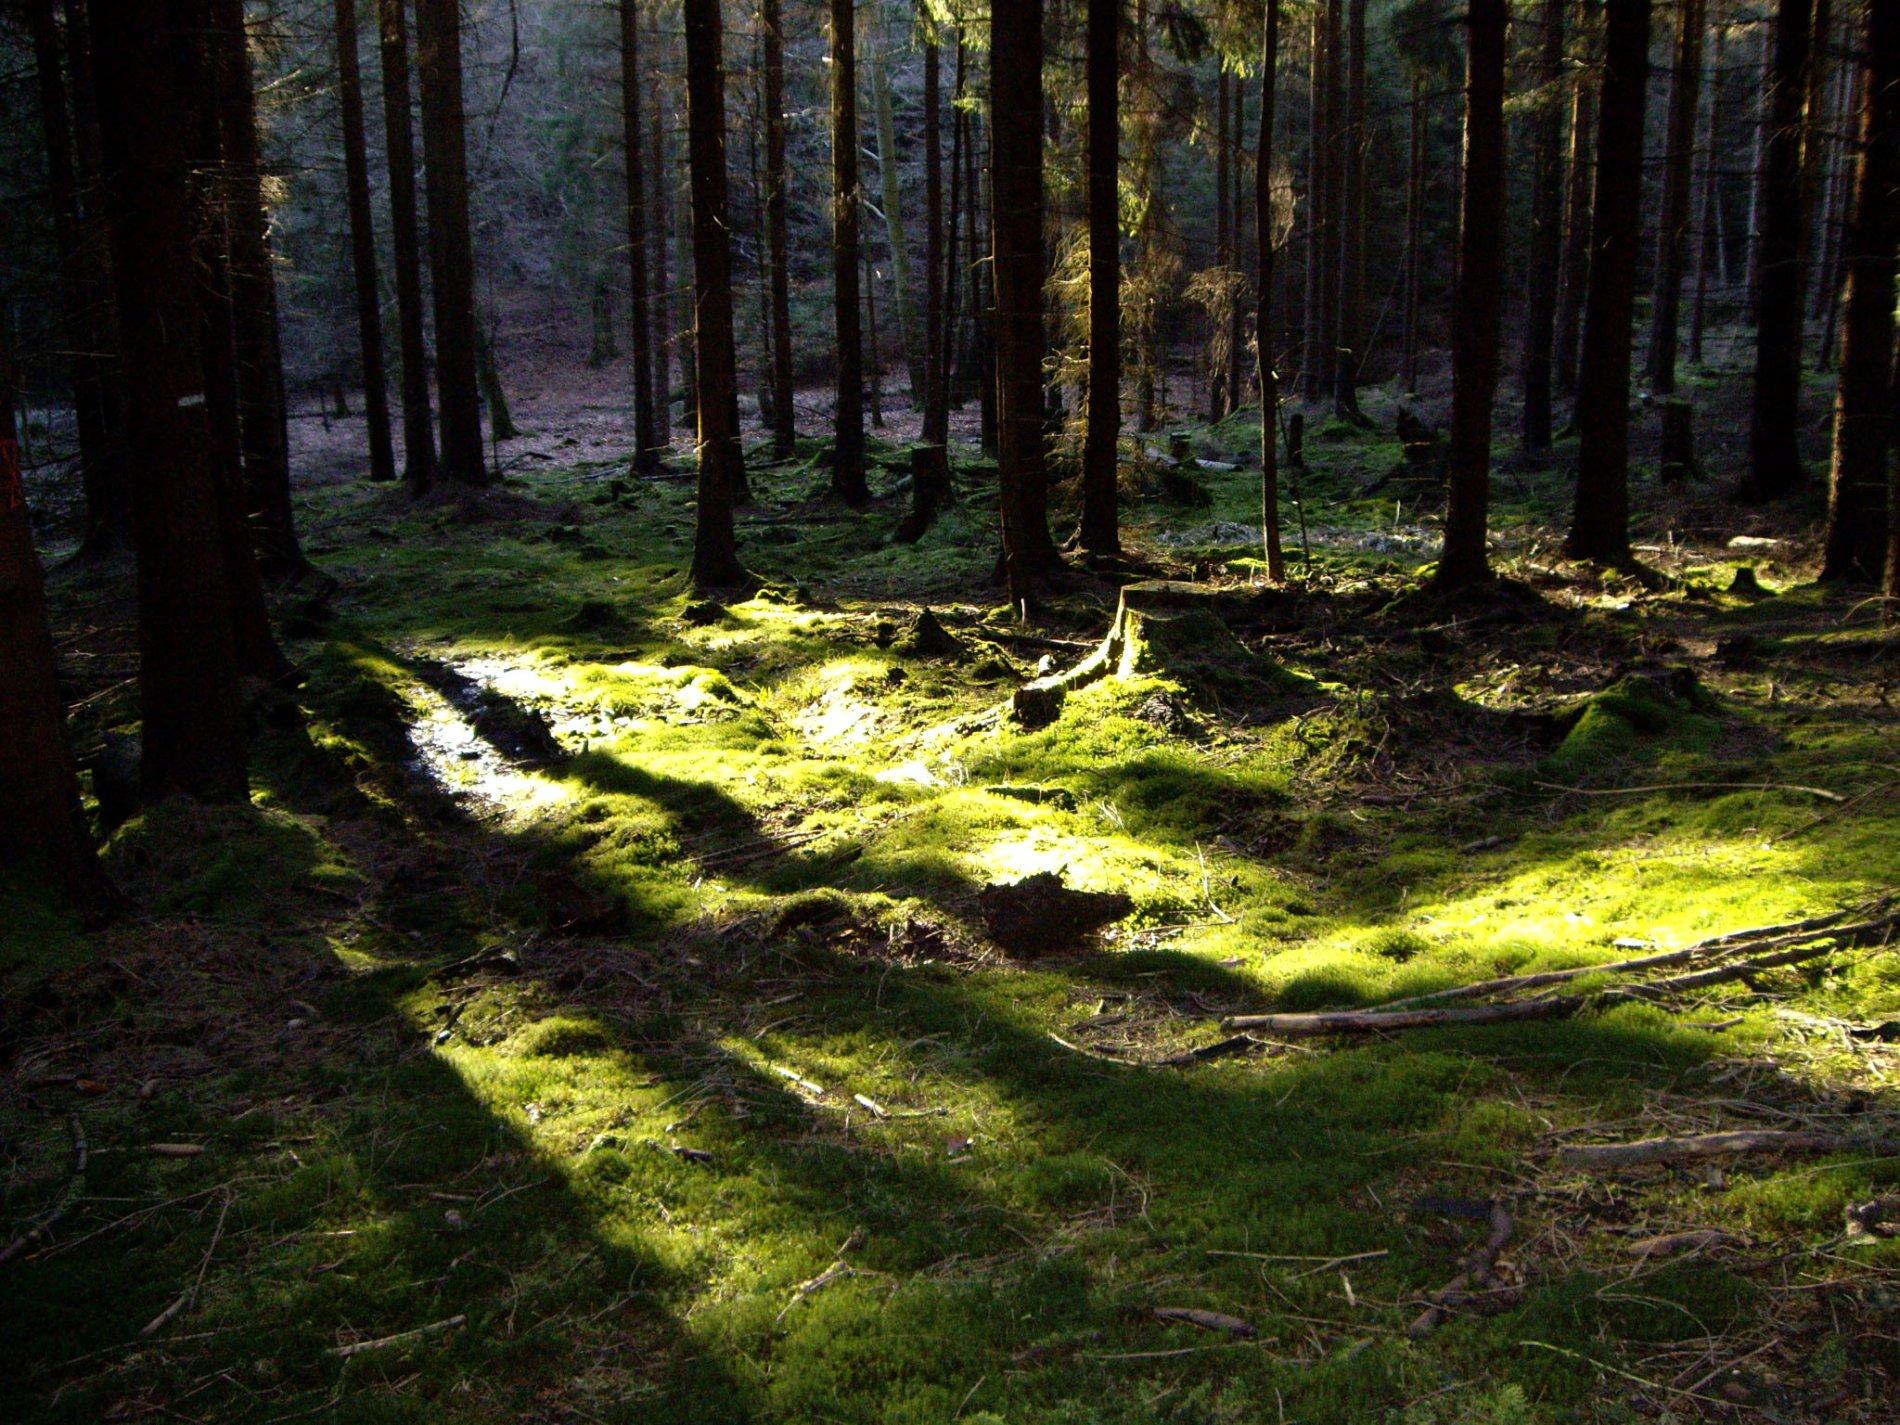 Wald in der Nähe des Möhnesees